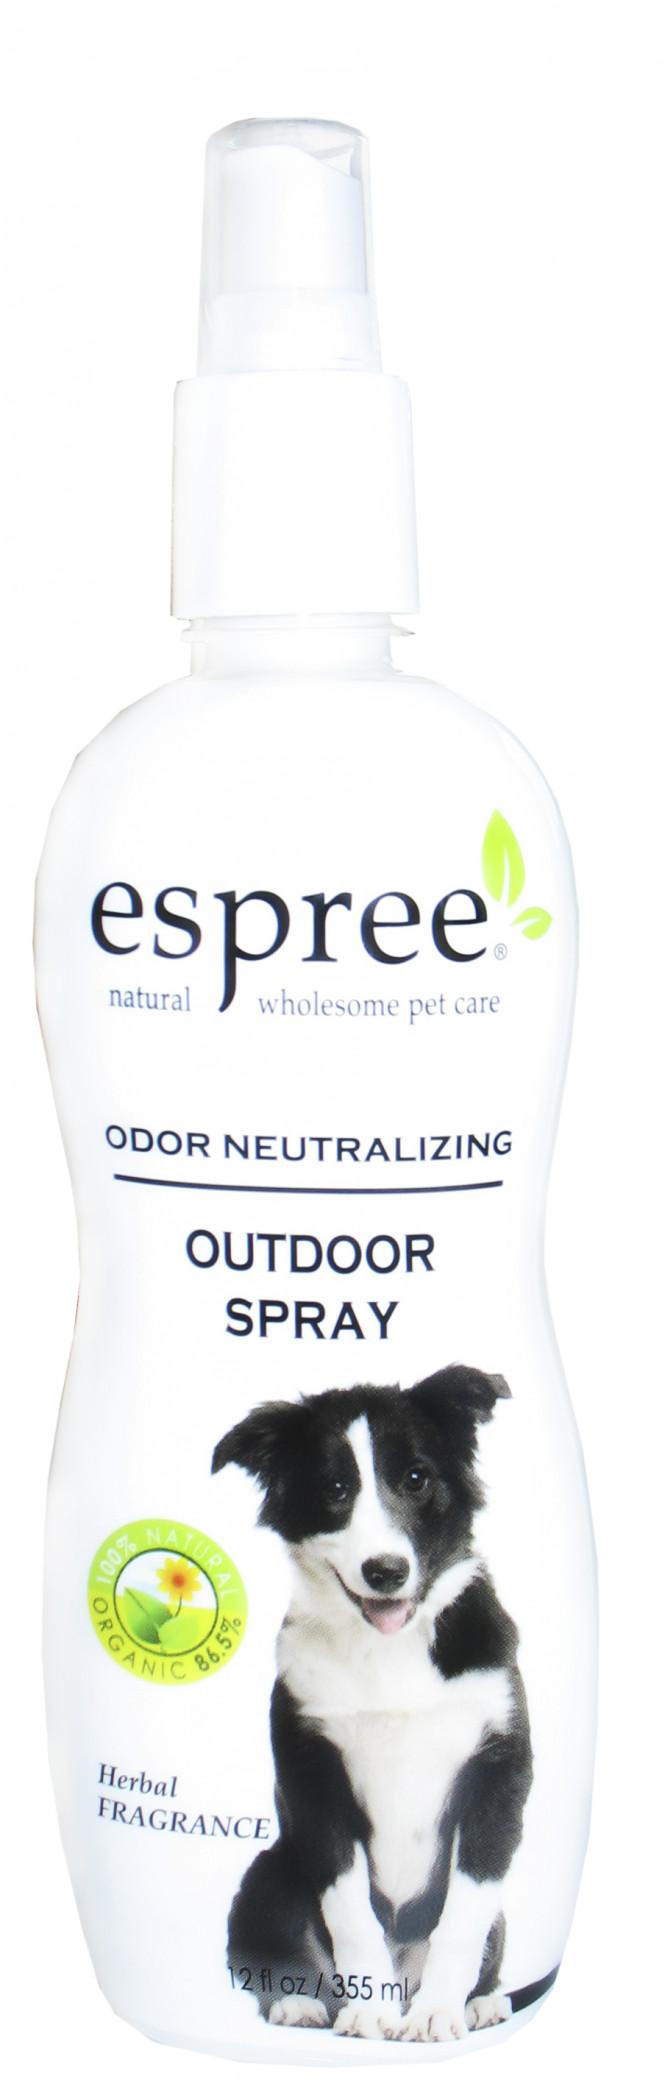 Espree Outdoor Spray